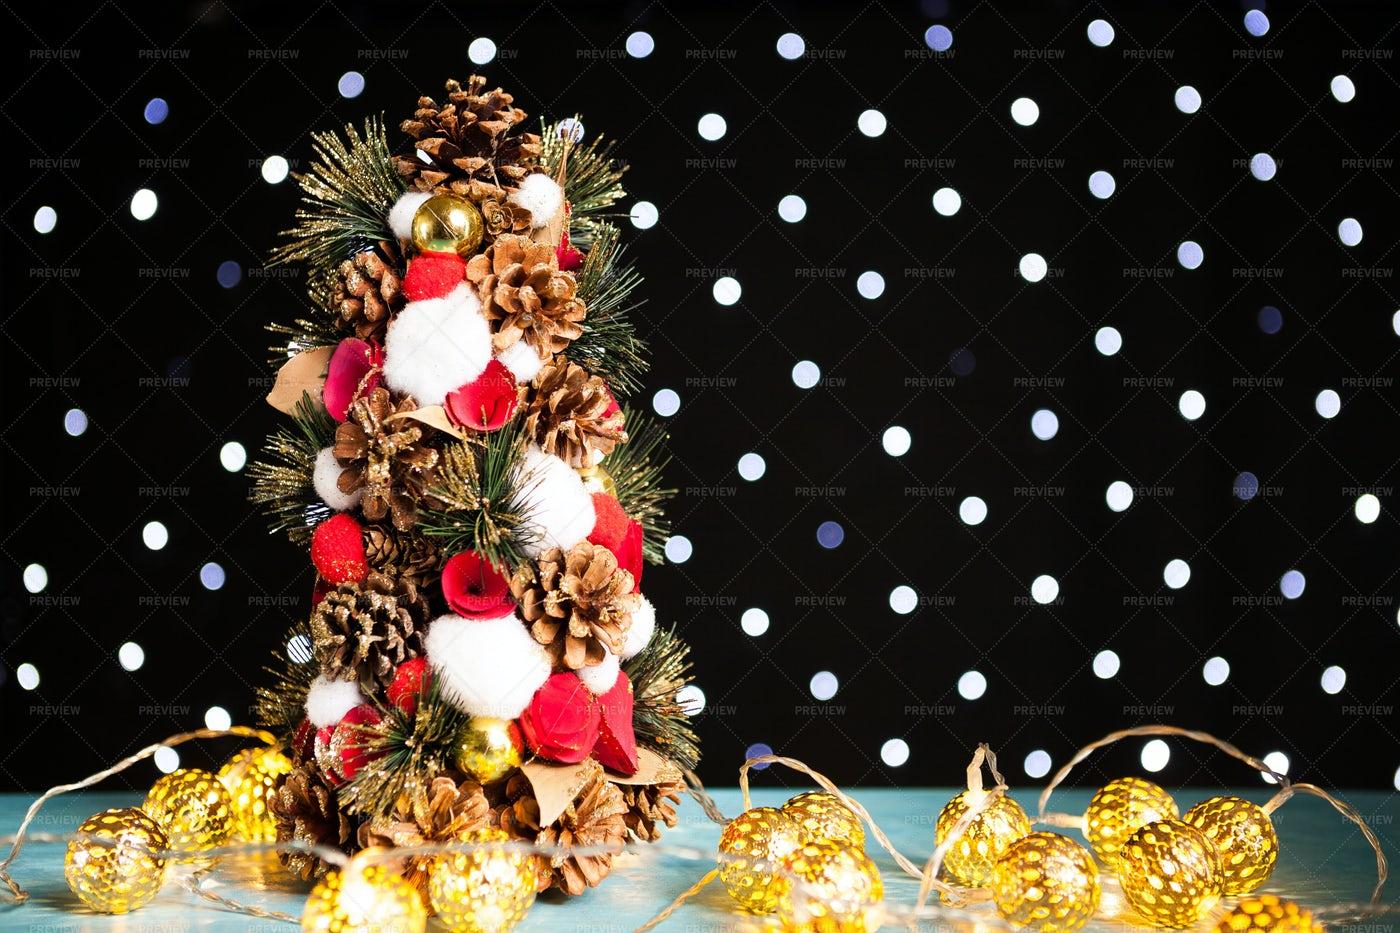 Mini Christmas Tree With Pine Seeds: Stock Photos